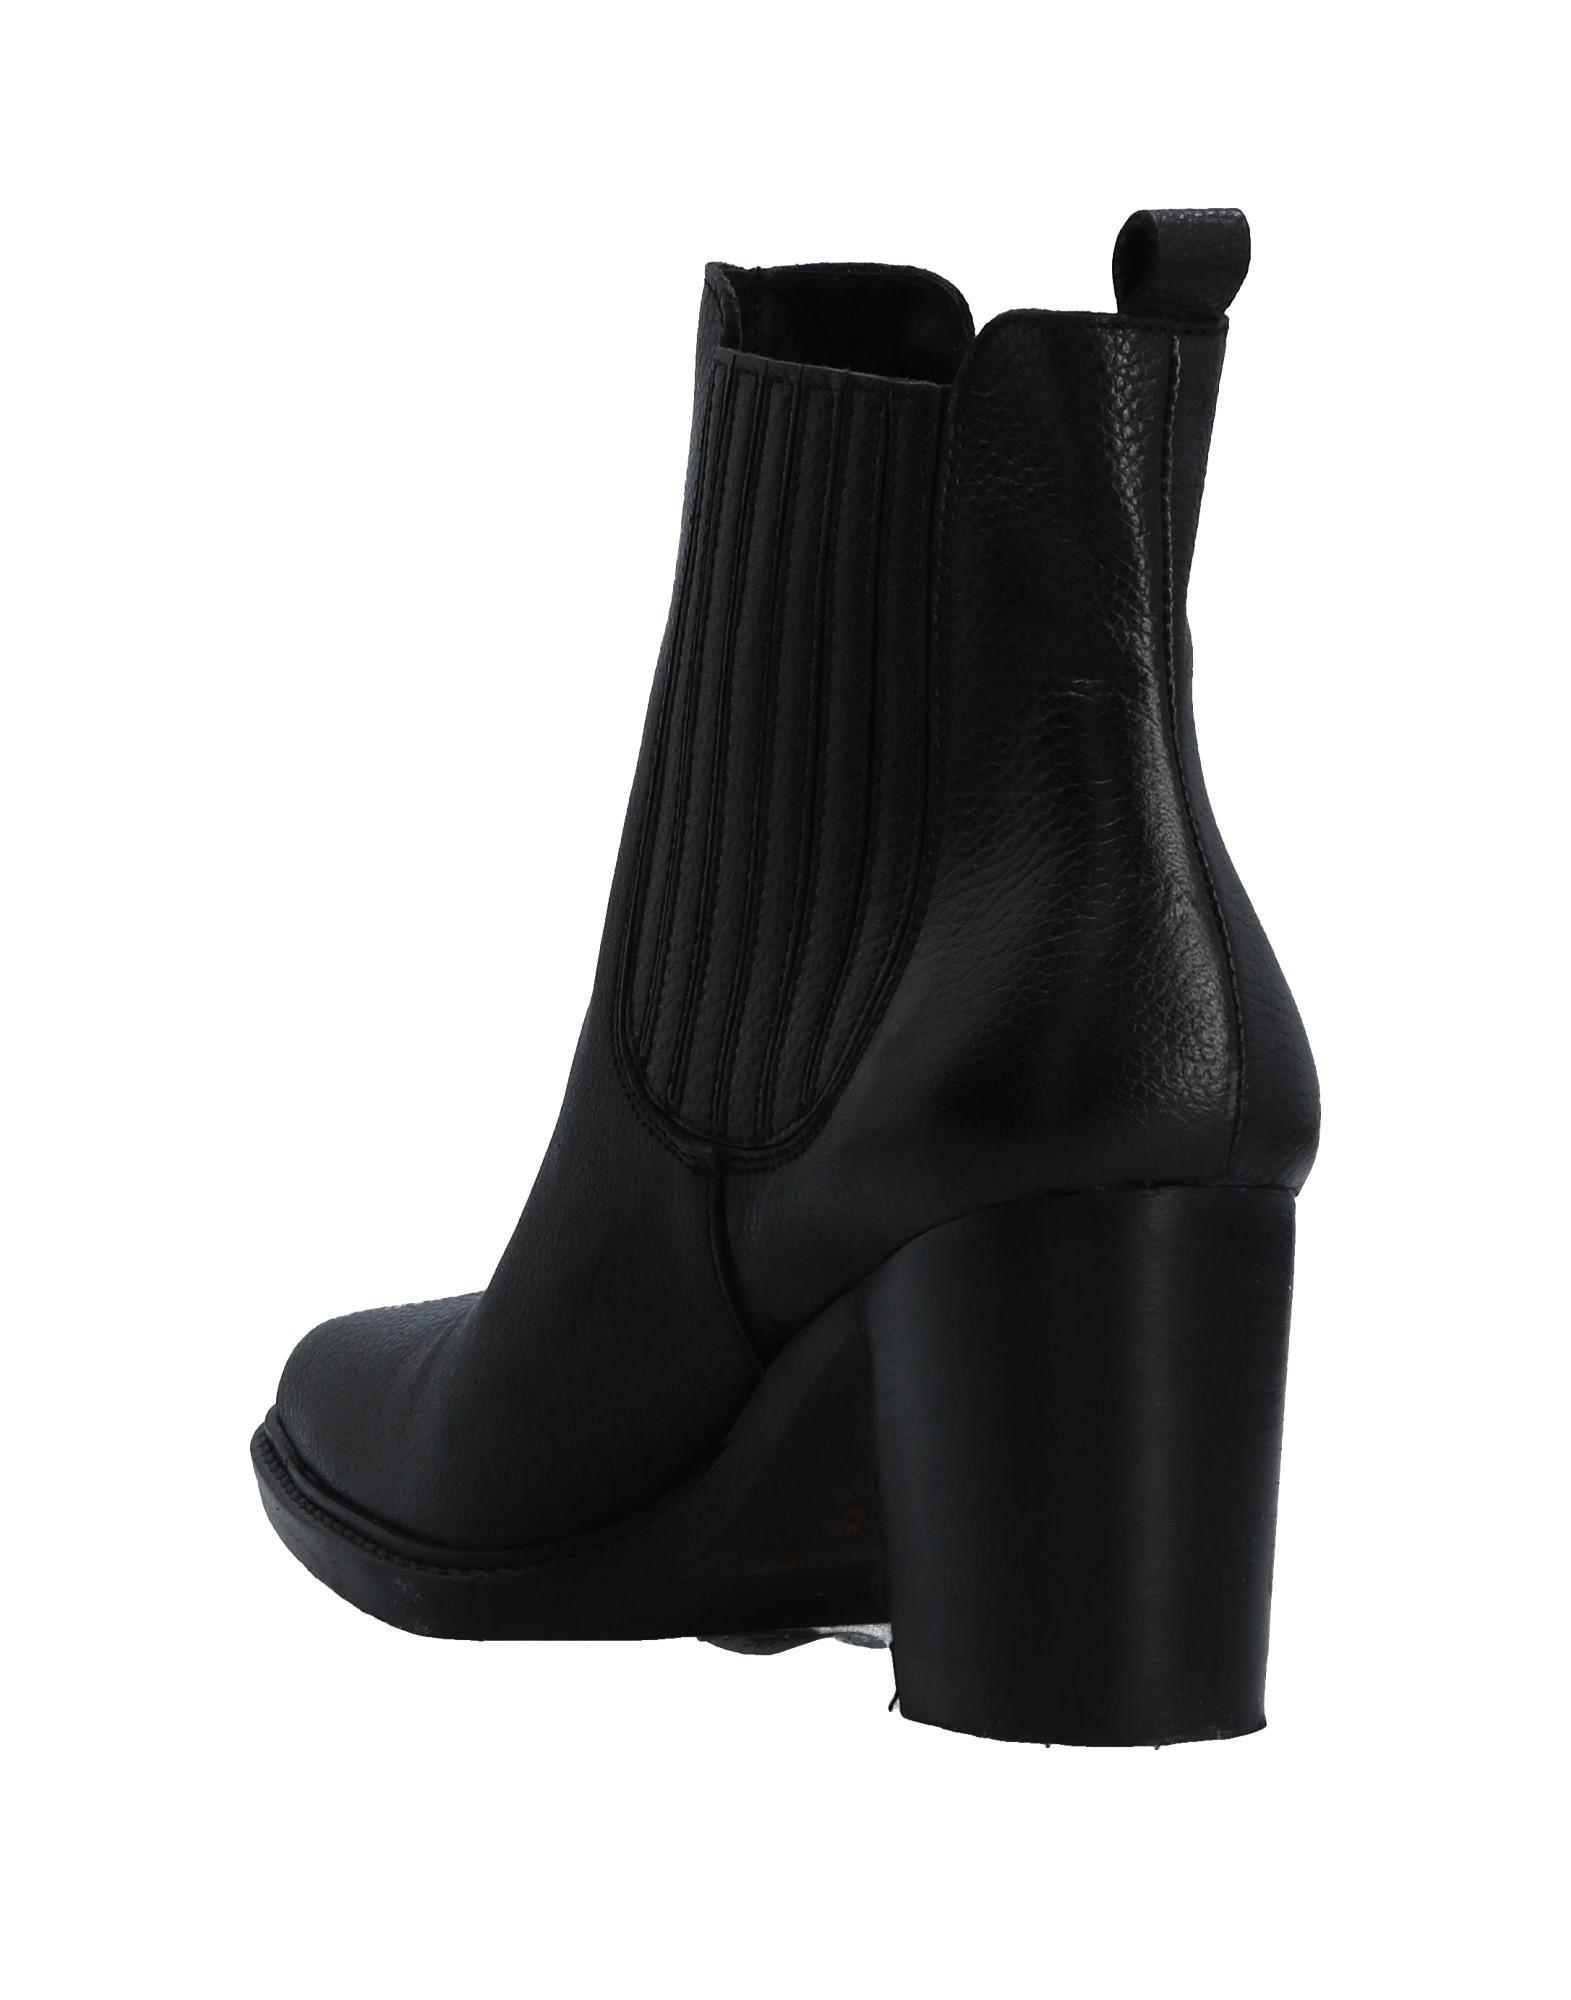 Donna Donna Donna Più Stiefelette Damen  11526928AH Gute Qualität beliebte Schuhe 5cd7c2